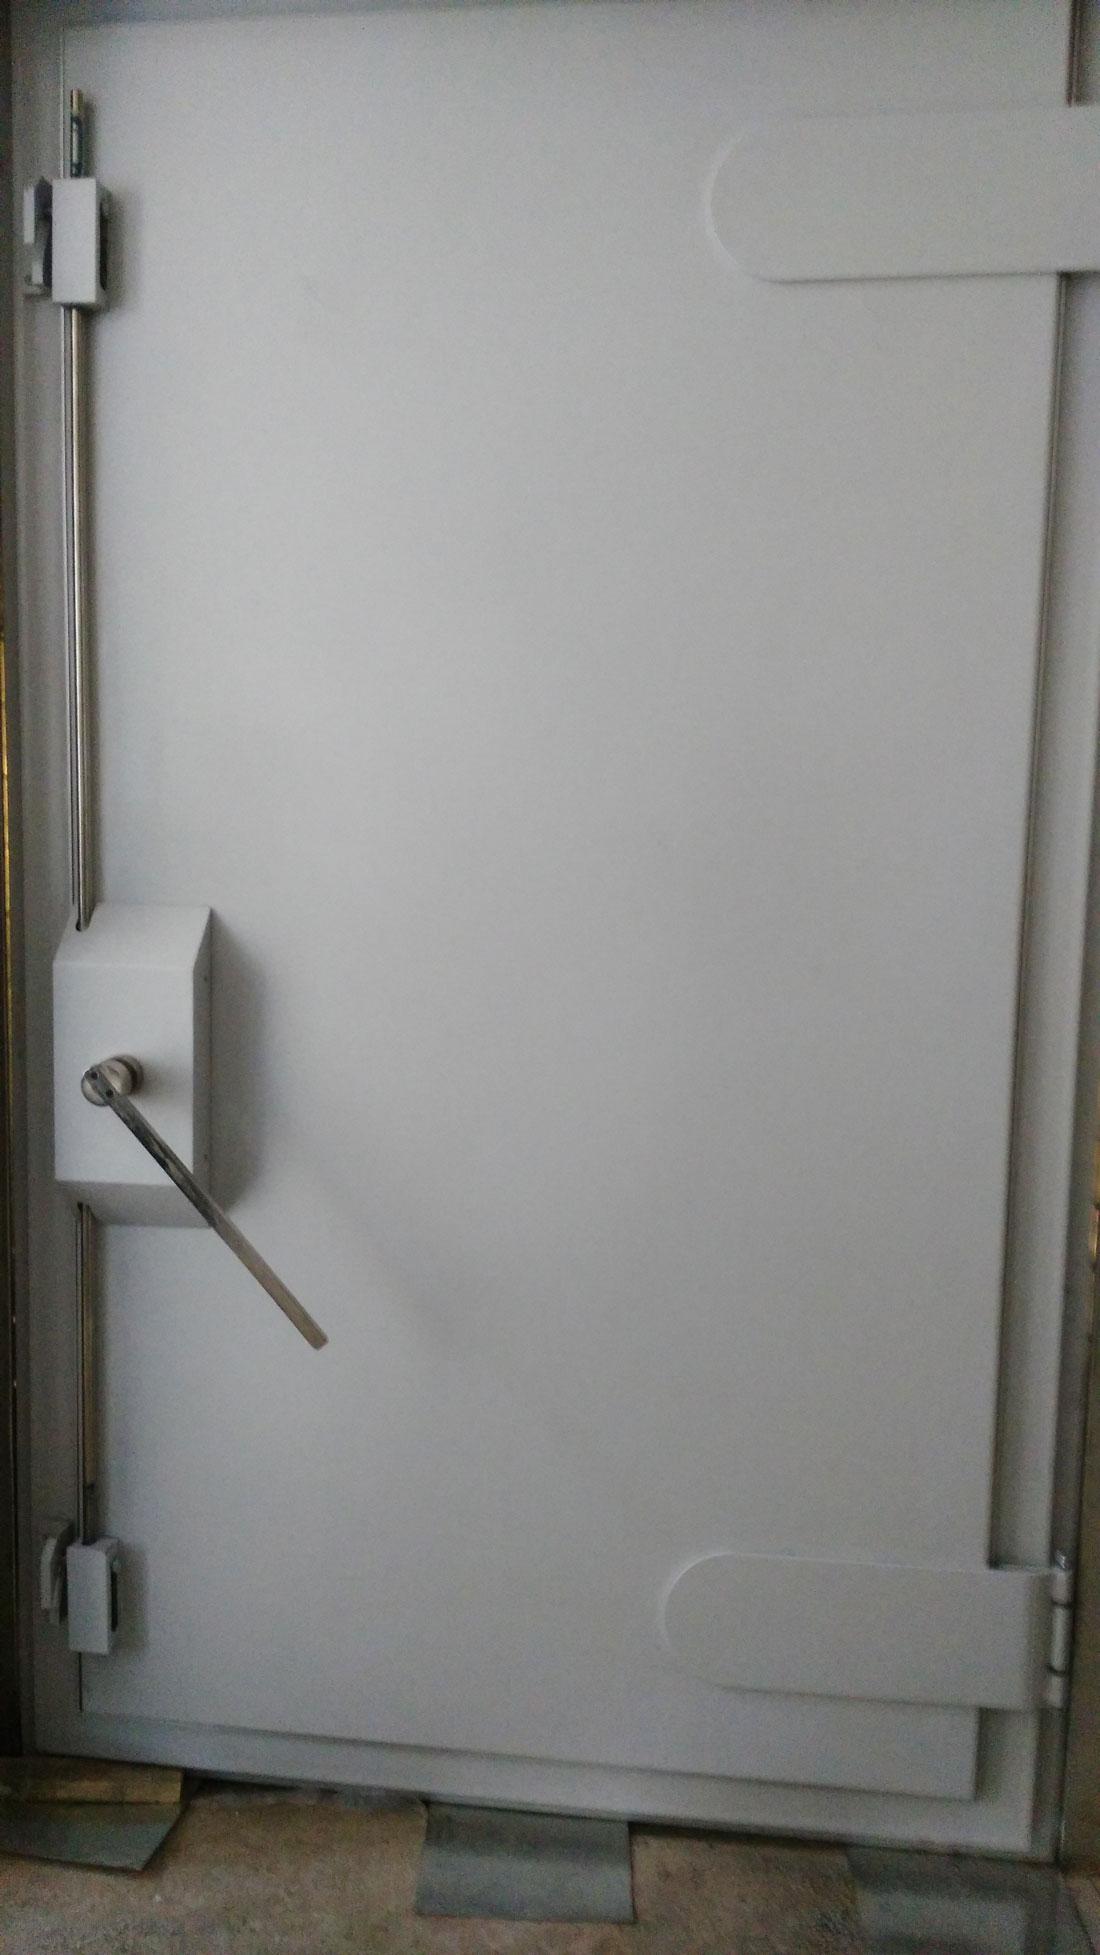 泰达提示:装饰的门框材质种类居多,屏蔽门也是一样,这些记清楚才能找到合适的!